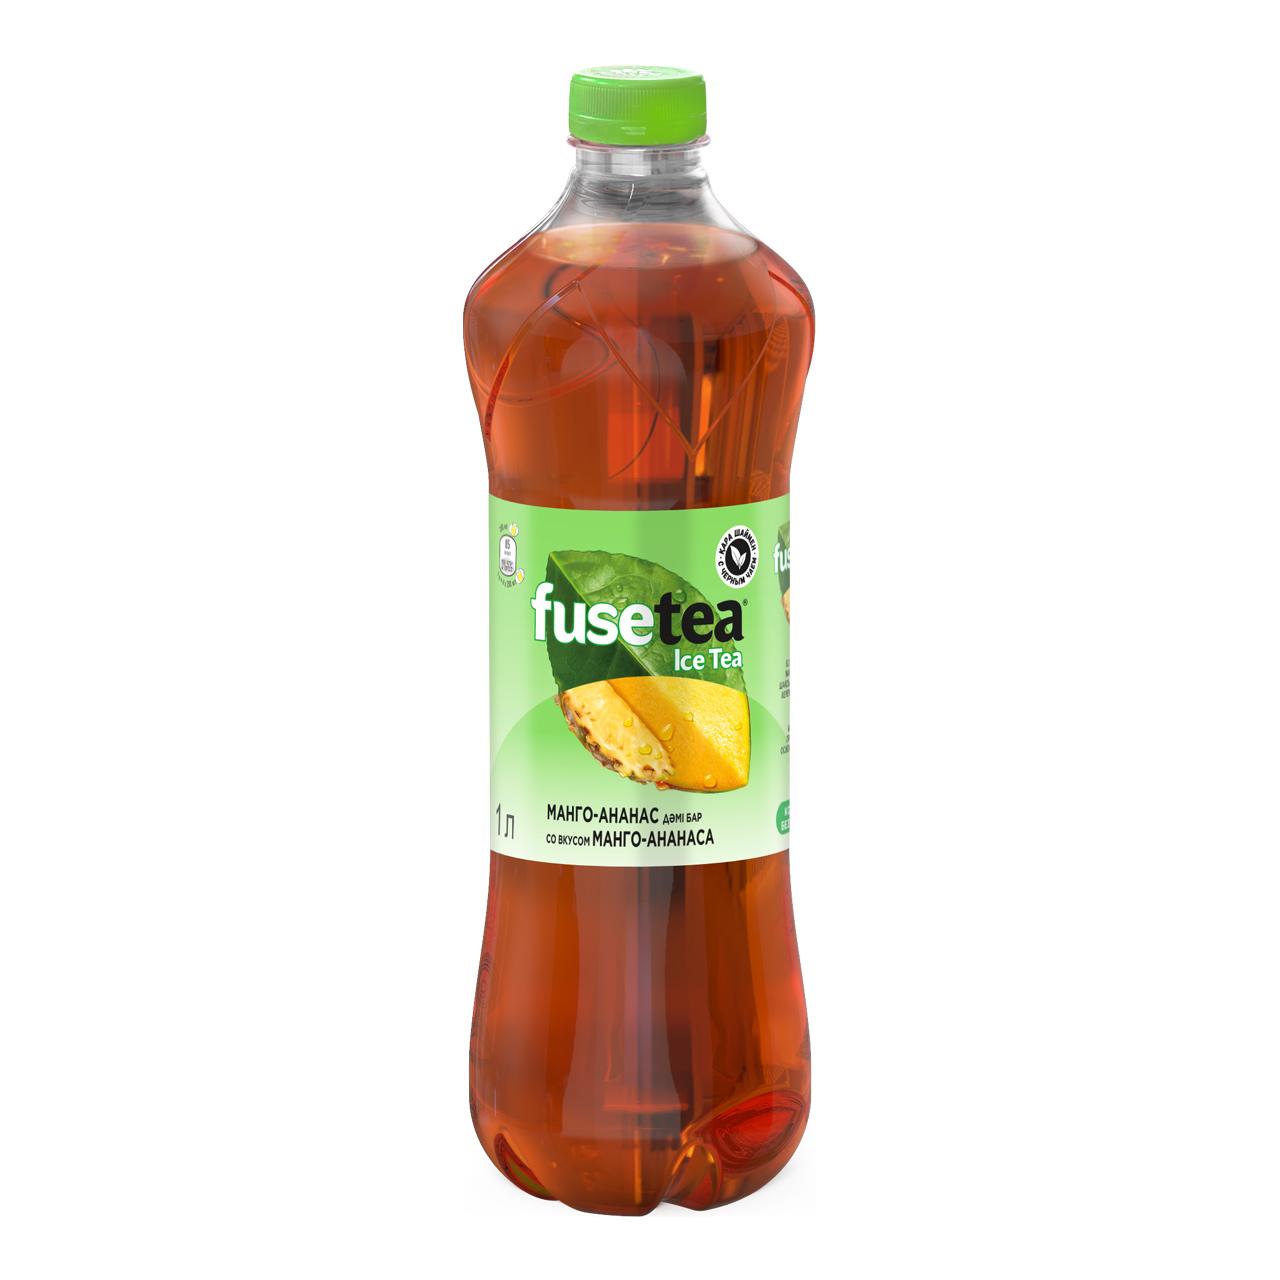 FUSE tea - ХОЛОДНЫЙ ЧАЙ FUSE TEA 1Л МАНГО-АНАНАС 5449000189356